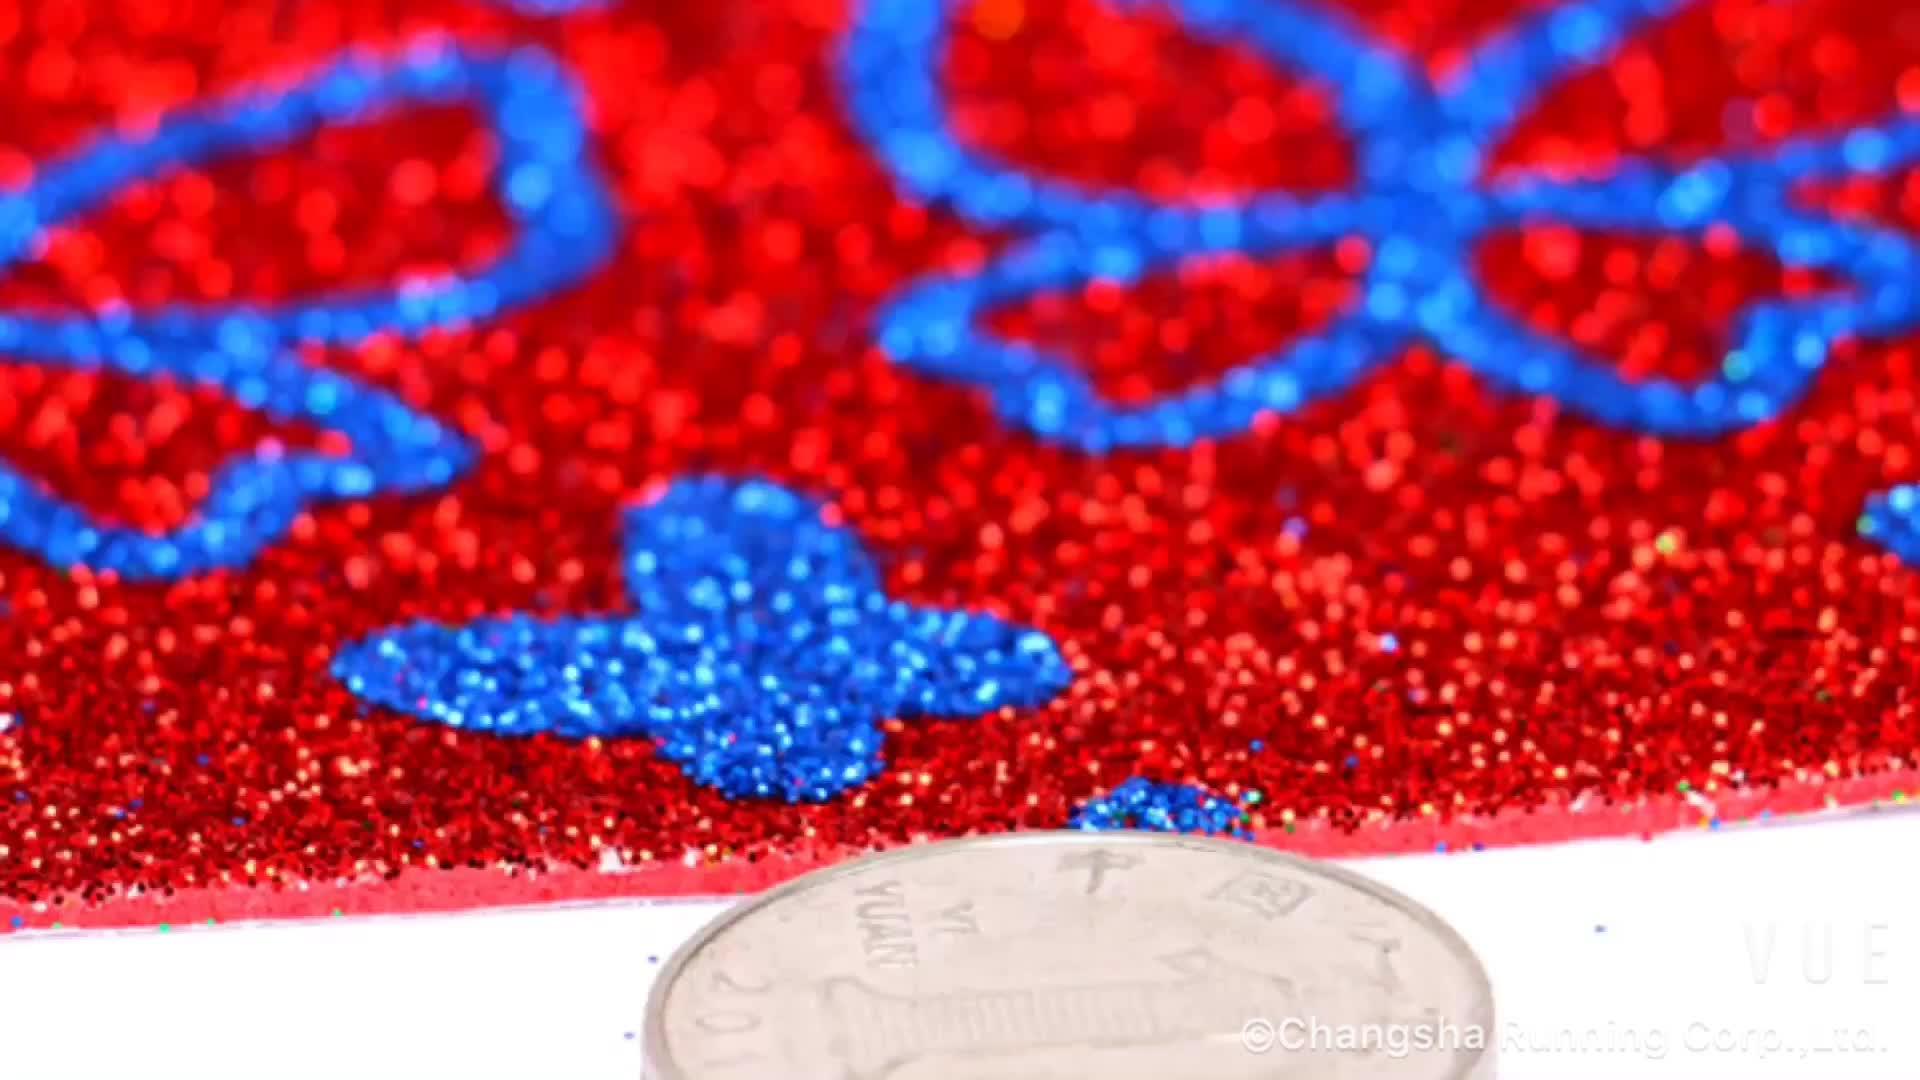 China Manufacturer Waterproofing Protection Board 40x60 Eva Foam Board -  Buy Eva Foam Sheet,Eva Foam Board,Eva Foam Product on Alibaba com